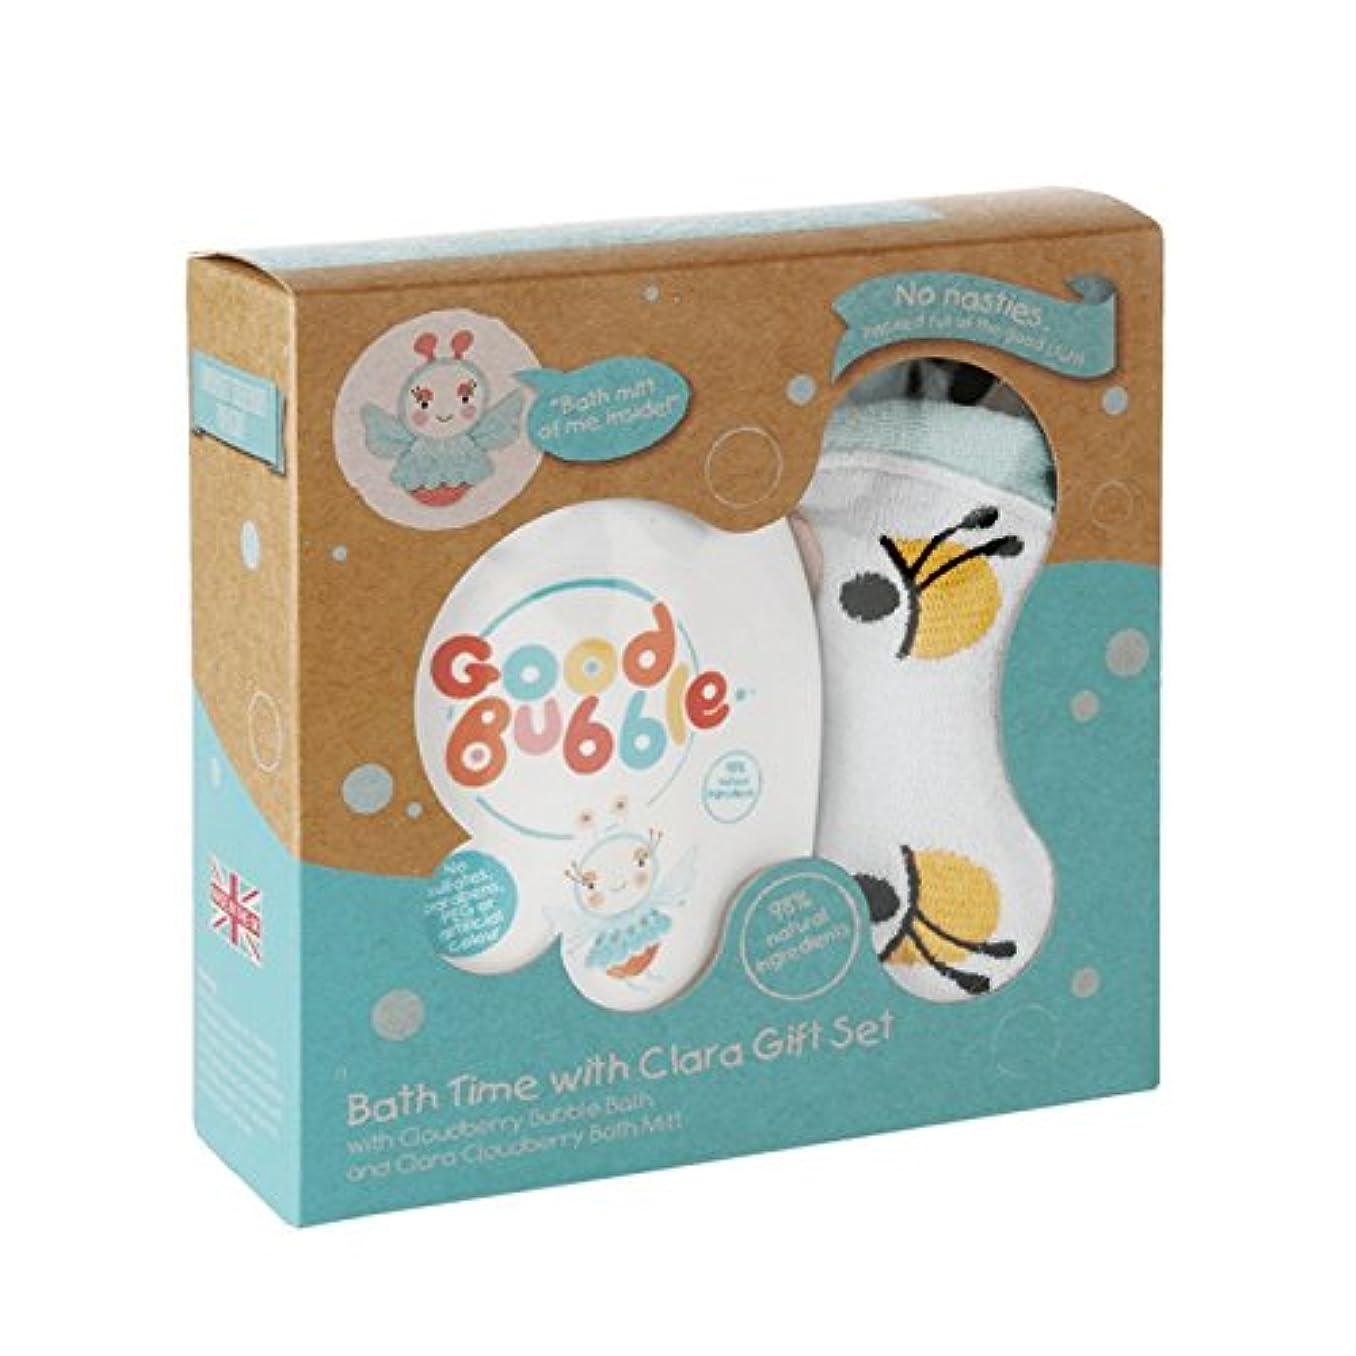 デザートお世話になった冷蔵する良いバブルクララクラウドベリーギフトセット550グラム - Good Bubble Clara Cloudberry Gift Set 550g (Good Bubble) [並行輸入品]